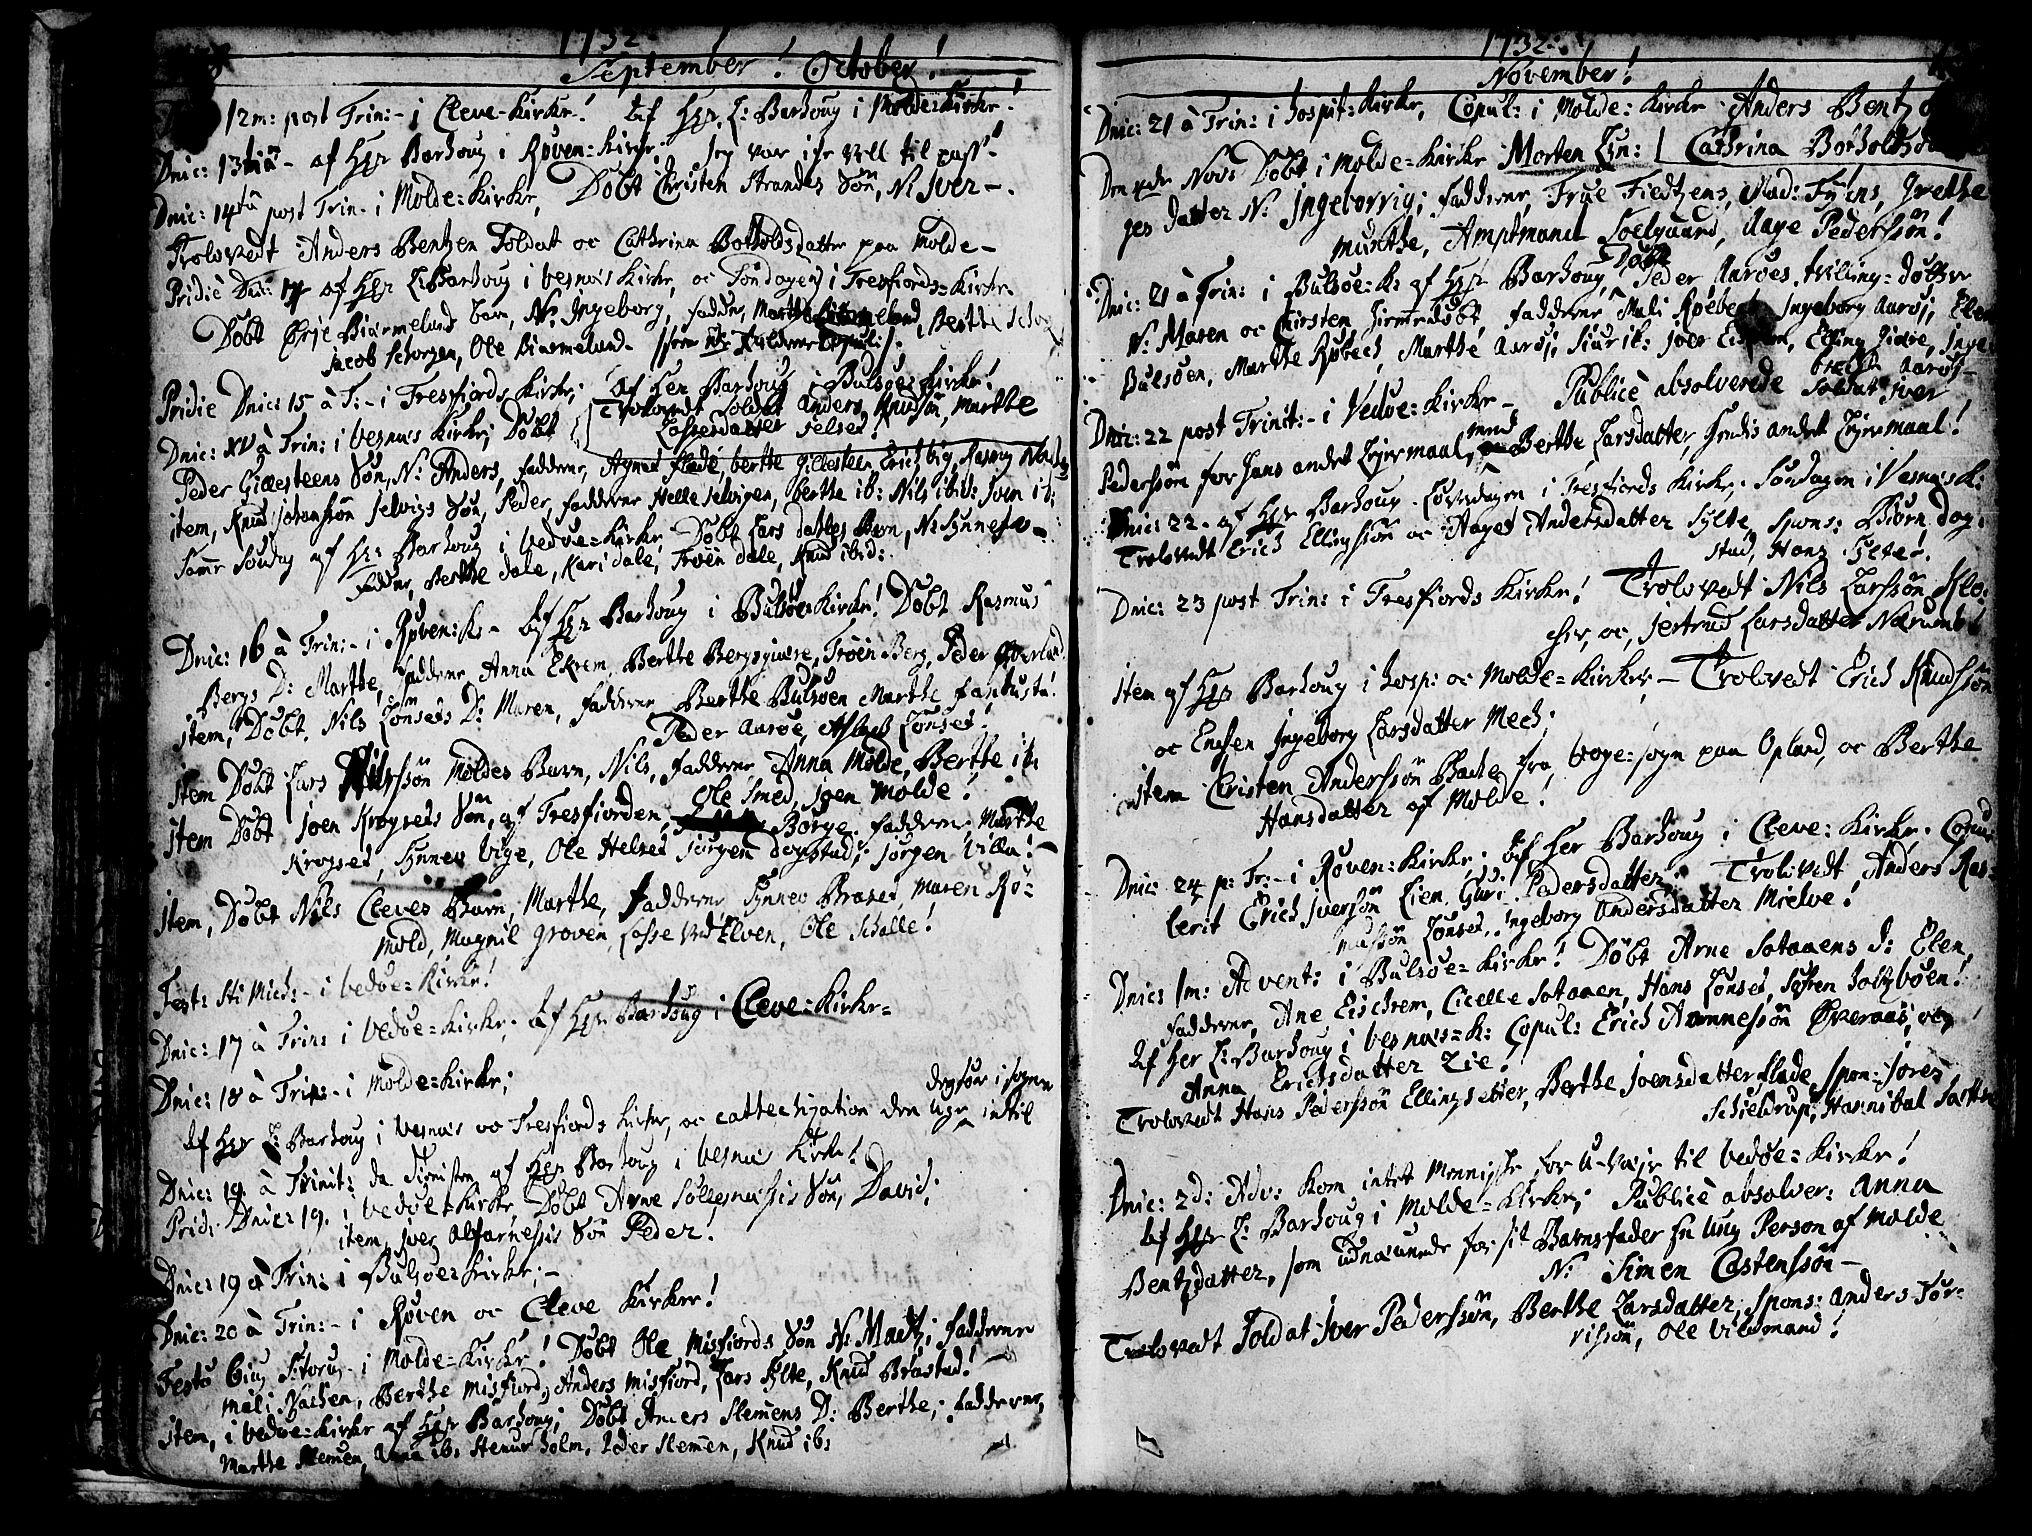 SAT, Ministerialprotokoller, klokkerbøker og fødselsregistre - Møre og Romsdal, 547/L0599: Ministerialbok nr. 547A01, 1721-1764, s. 130-131